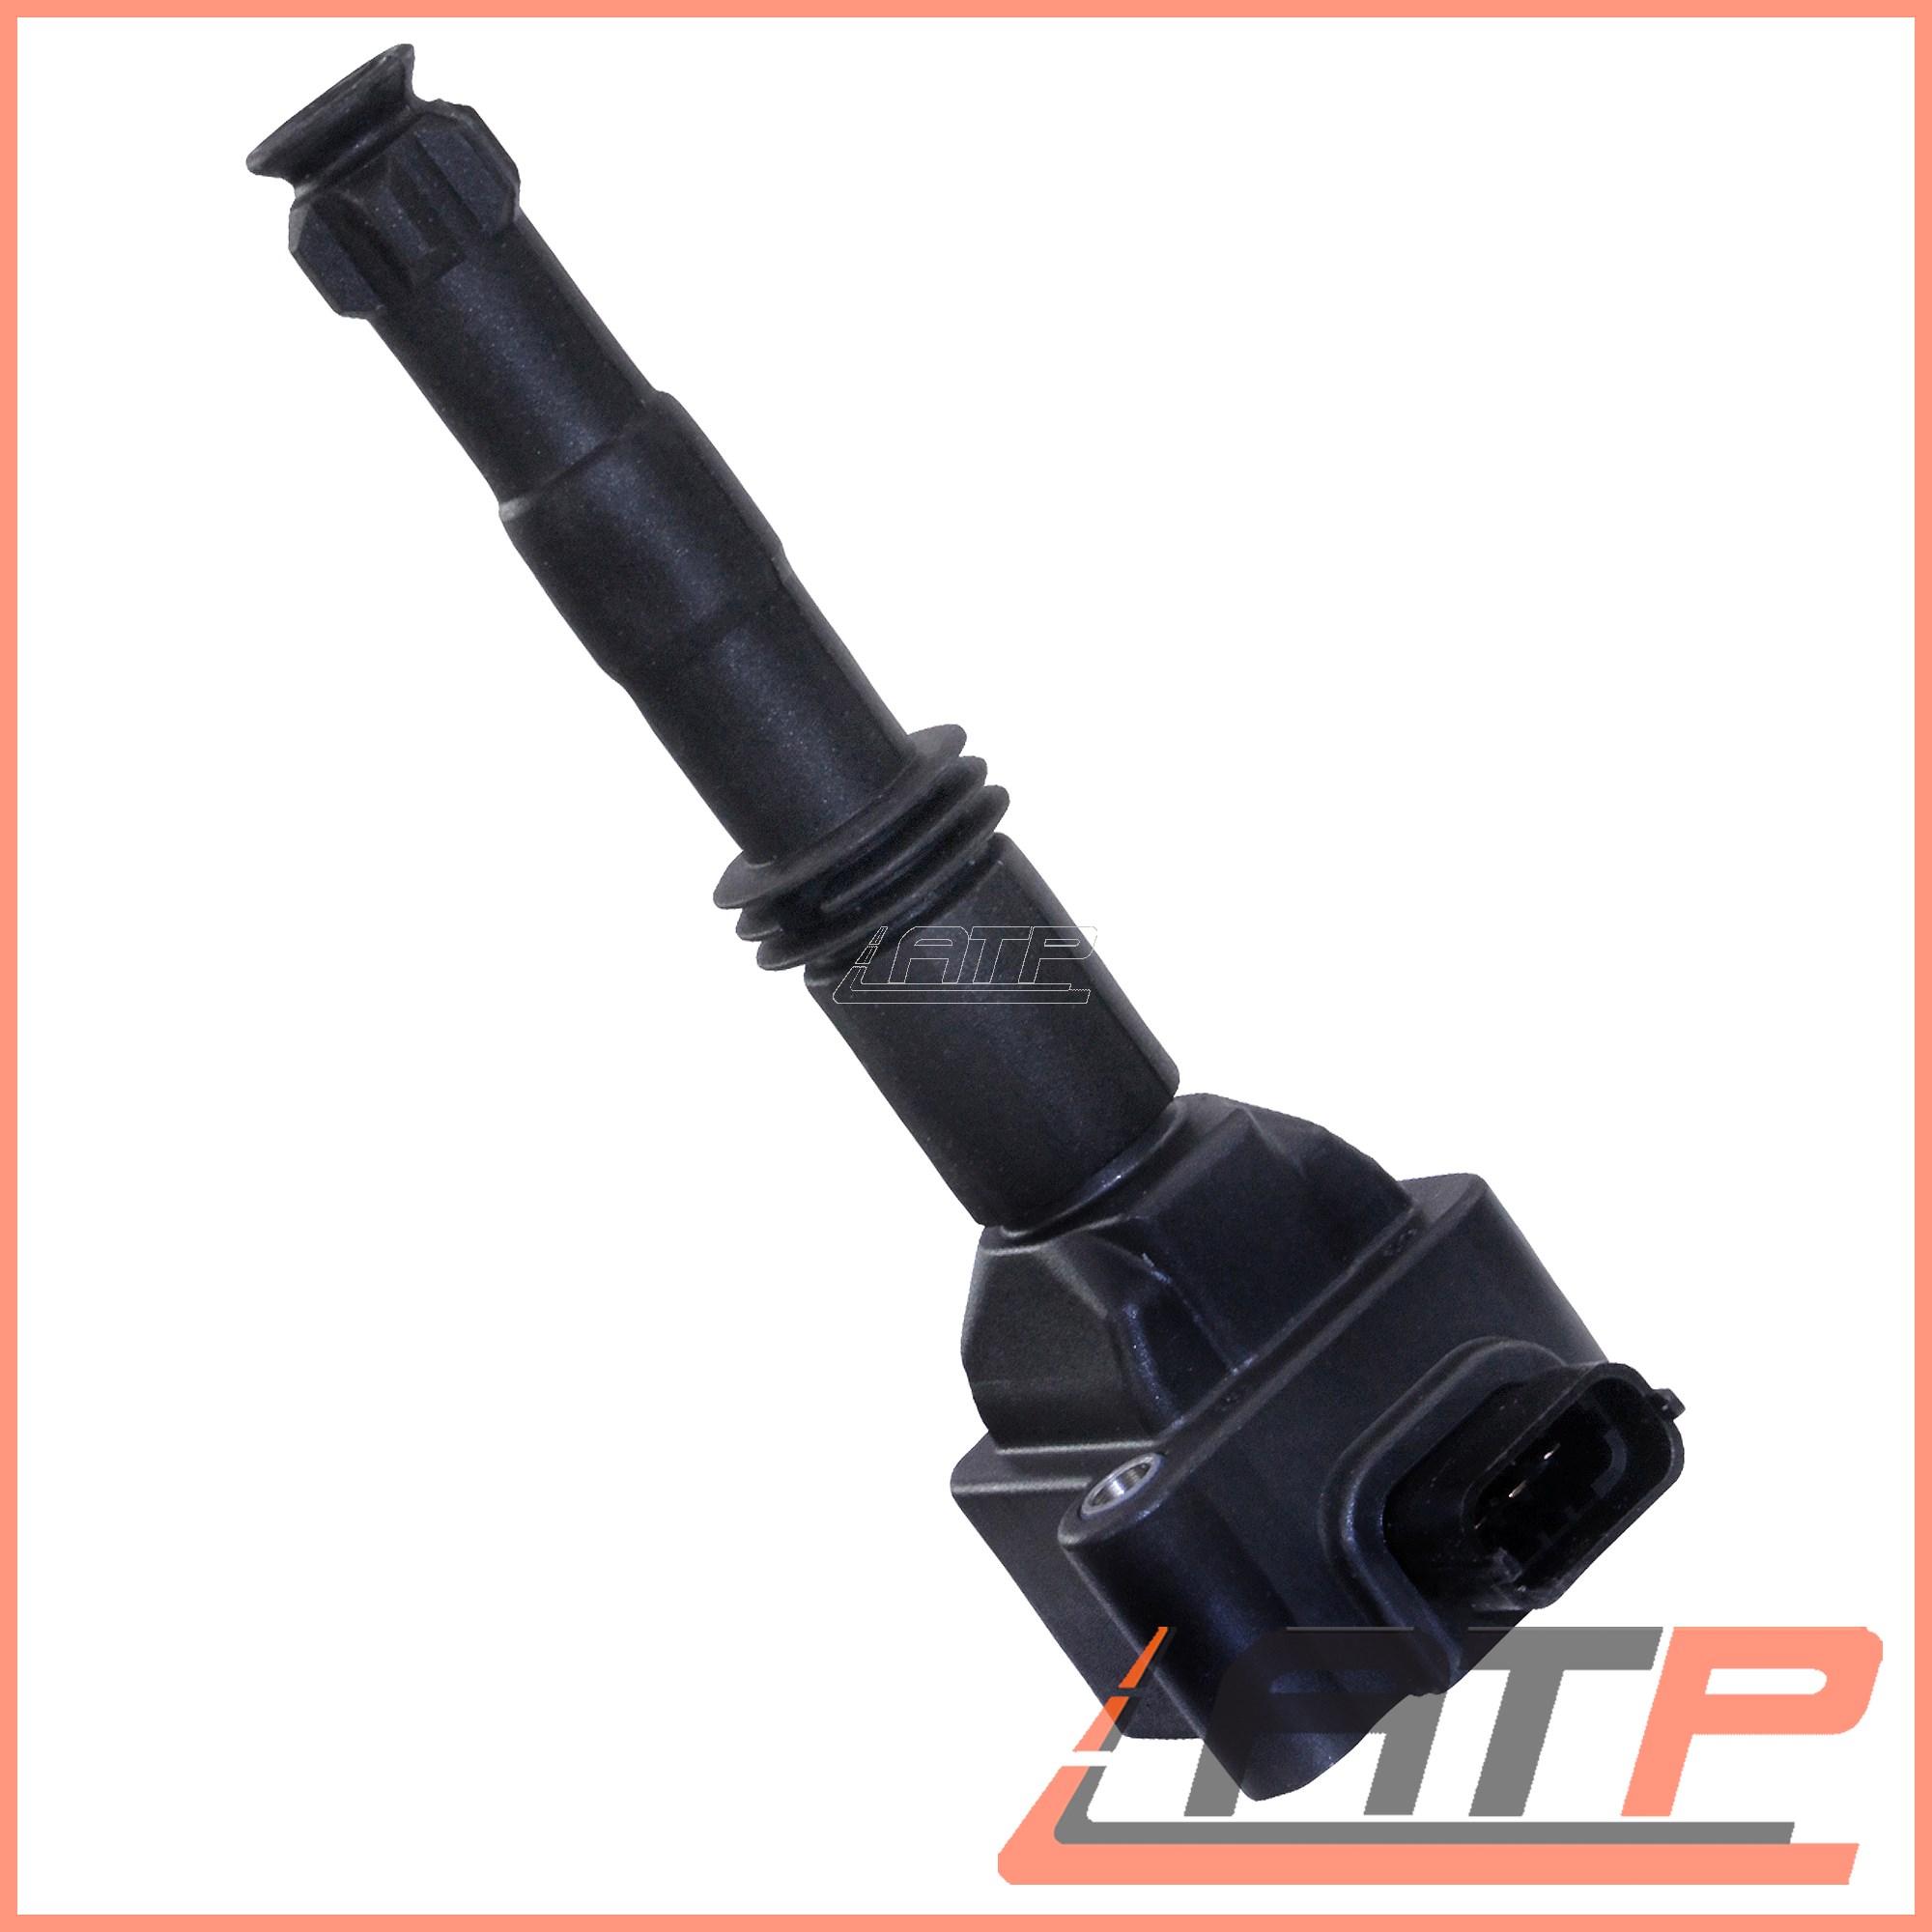 1X-Original-NGK-Bobina-De-Encendido-Porsche-Boxster-986-2-5-3-2-987-2-7-3-4-96-09 miniatura 2